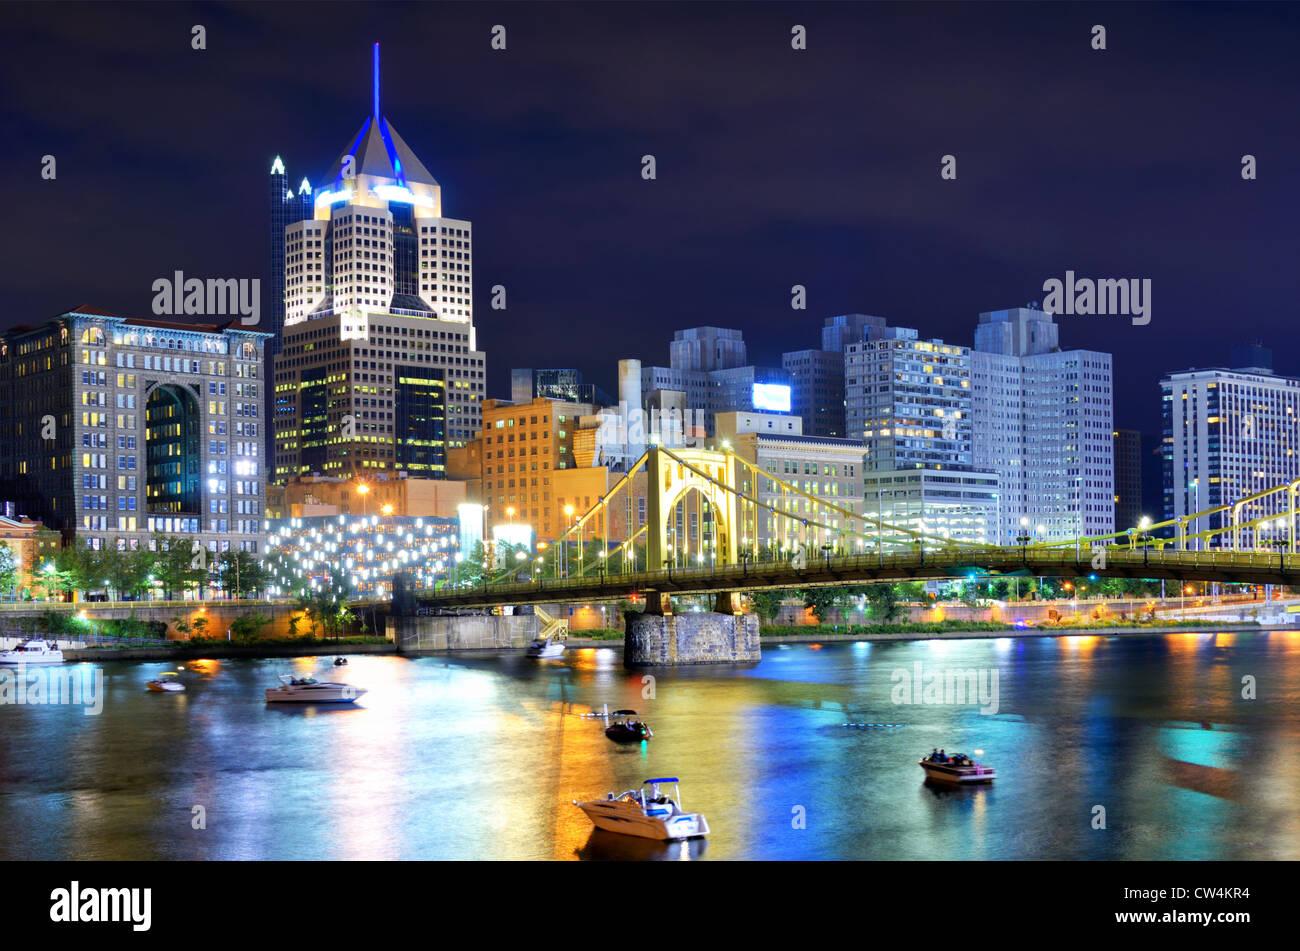 Gratte-ciel dans le centre-ville de Pittsburgh, Pennsylvanie, USA. Photo Stock